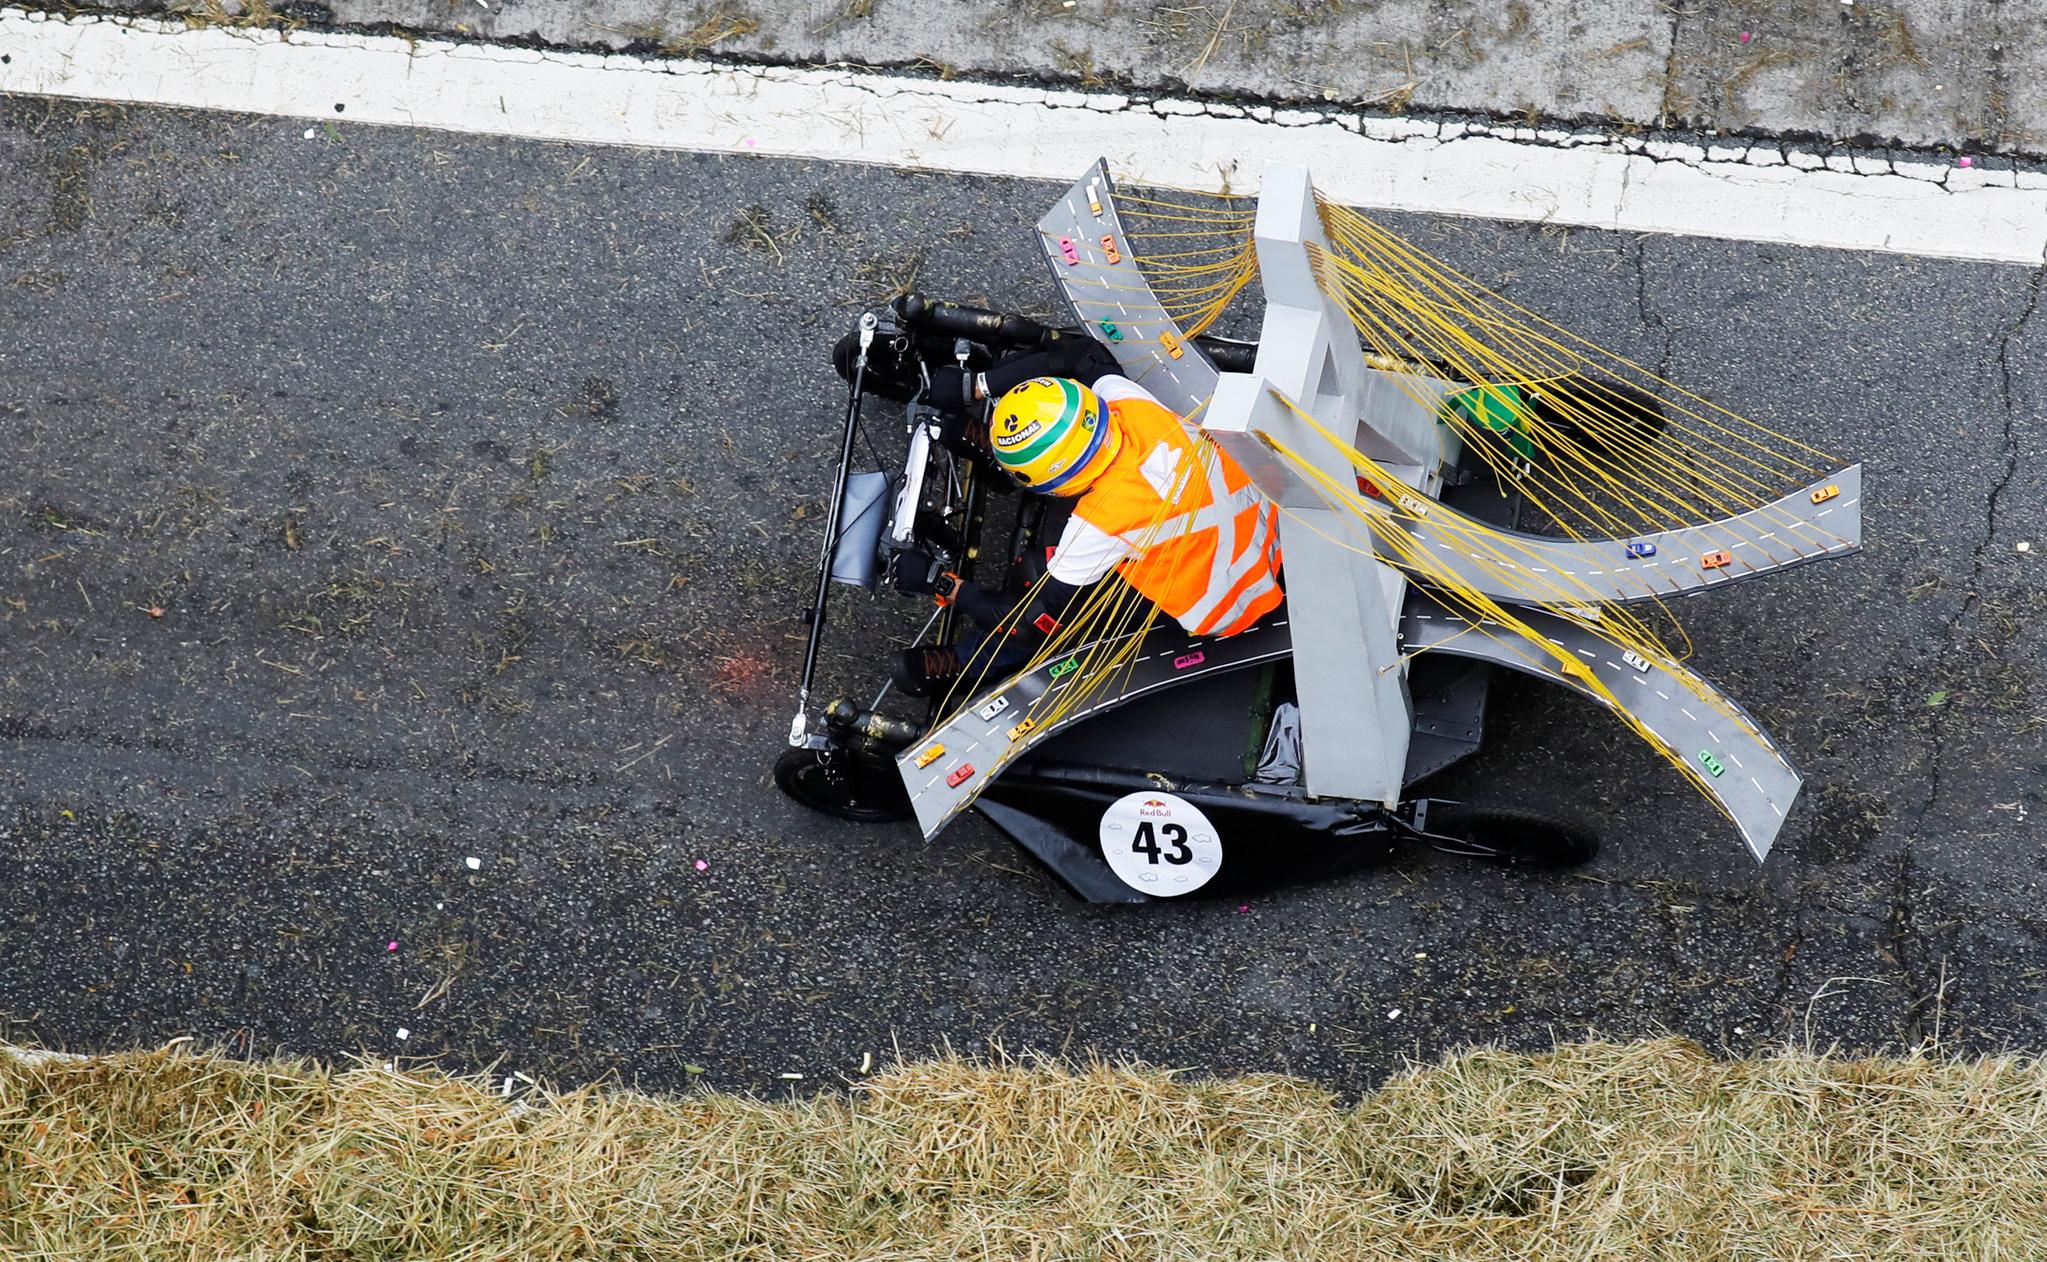 고속도로 다리 모양의 차를 탄 참가자가 14일(현지시간) 브라질 상파울루에서 열린 '레드불 소프박스 레이스'에서 질주하고 있다. [로이터=연합뉴스]